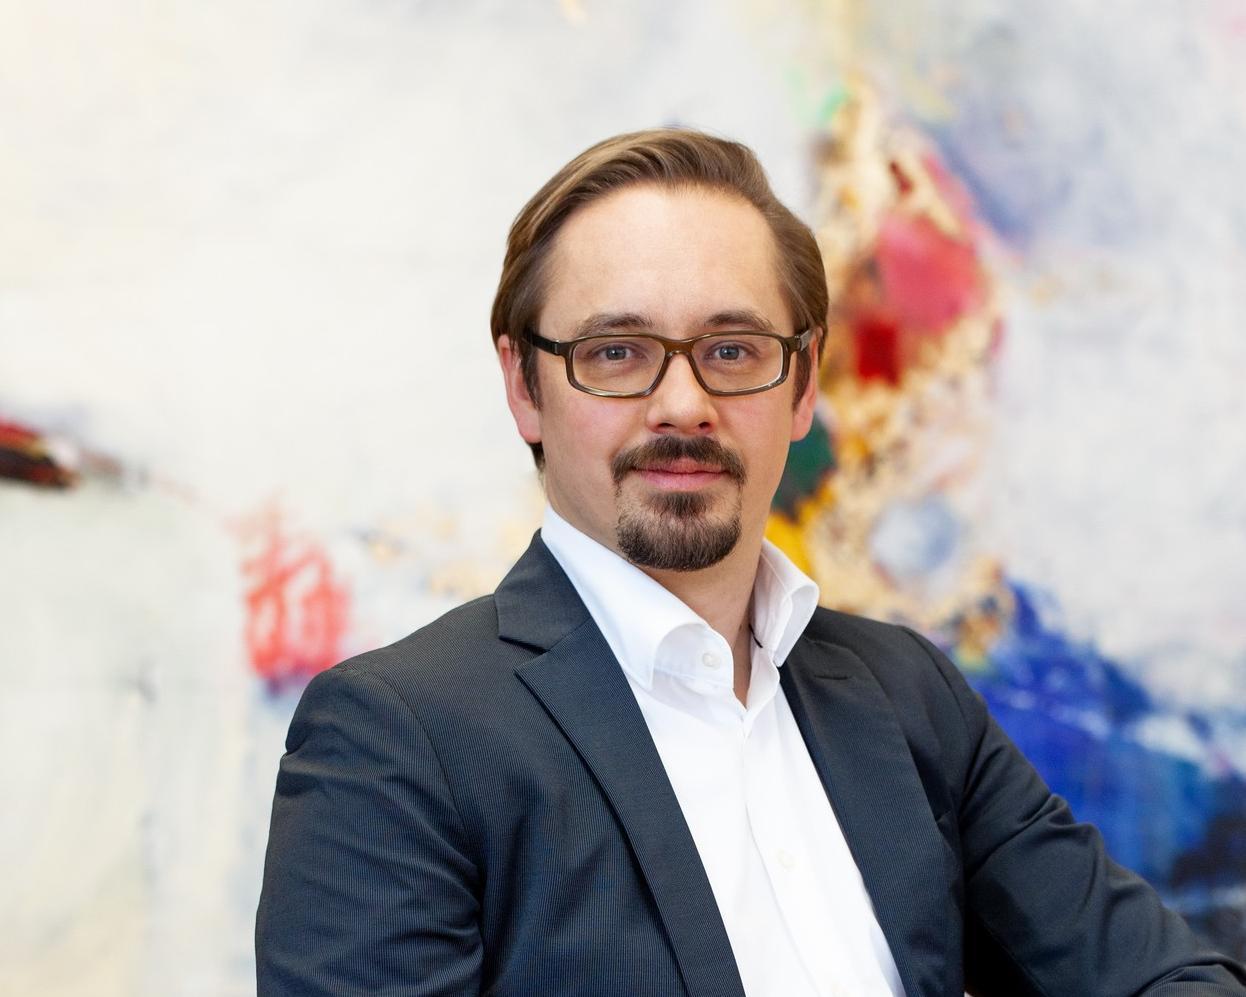 """Nikolai Ensslen, Gründer und CEO der Synapticon GmbH: """"Der klassische Maschinenbau wird von neuen Branchen beziehungsweise Technologien in die Zange genommen und viele Unternehmen wissen noch nicht, wie sie darauf reagieren sollen."""""""